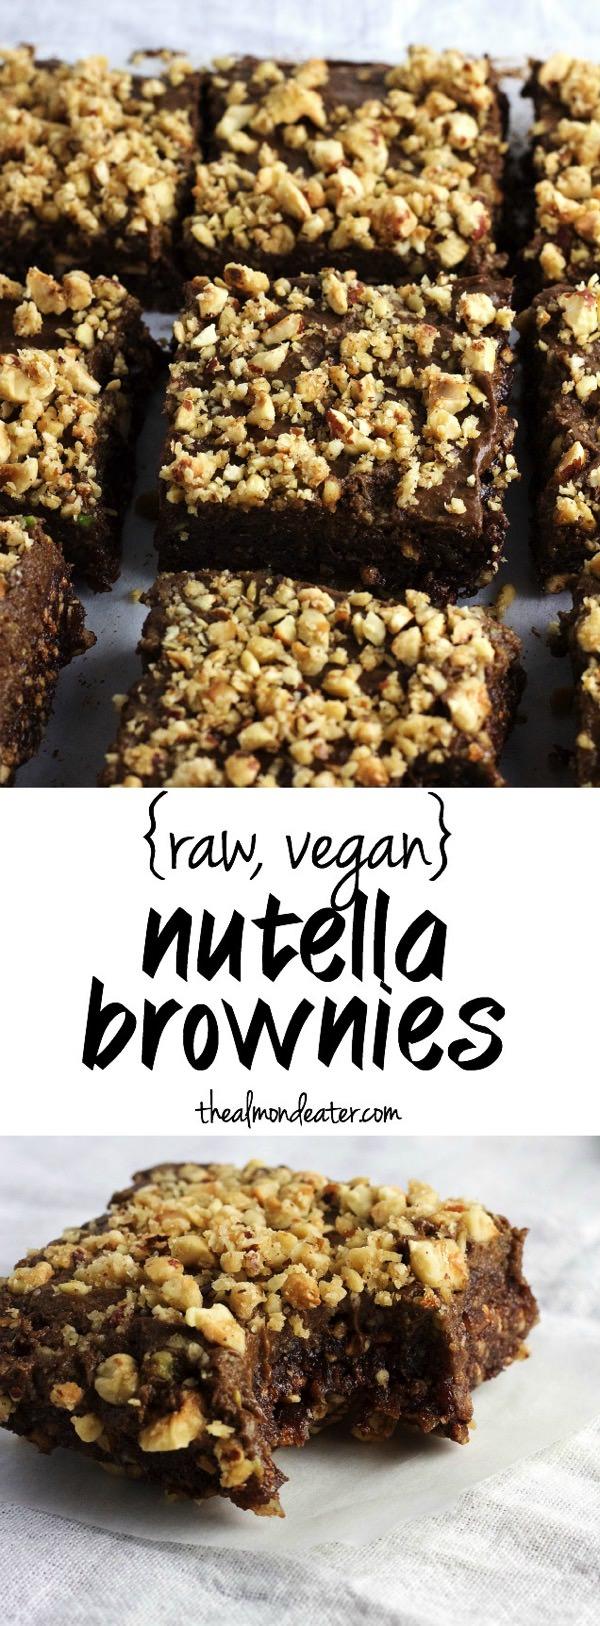 Vegan Nutella Brownies   Brownies with a secret ingredient that taste like Nutella